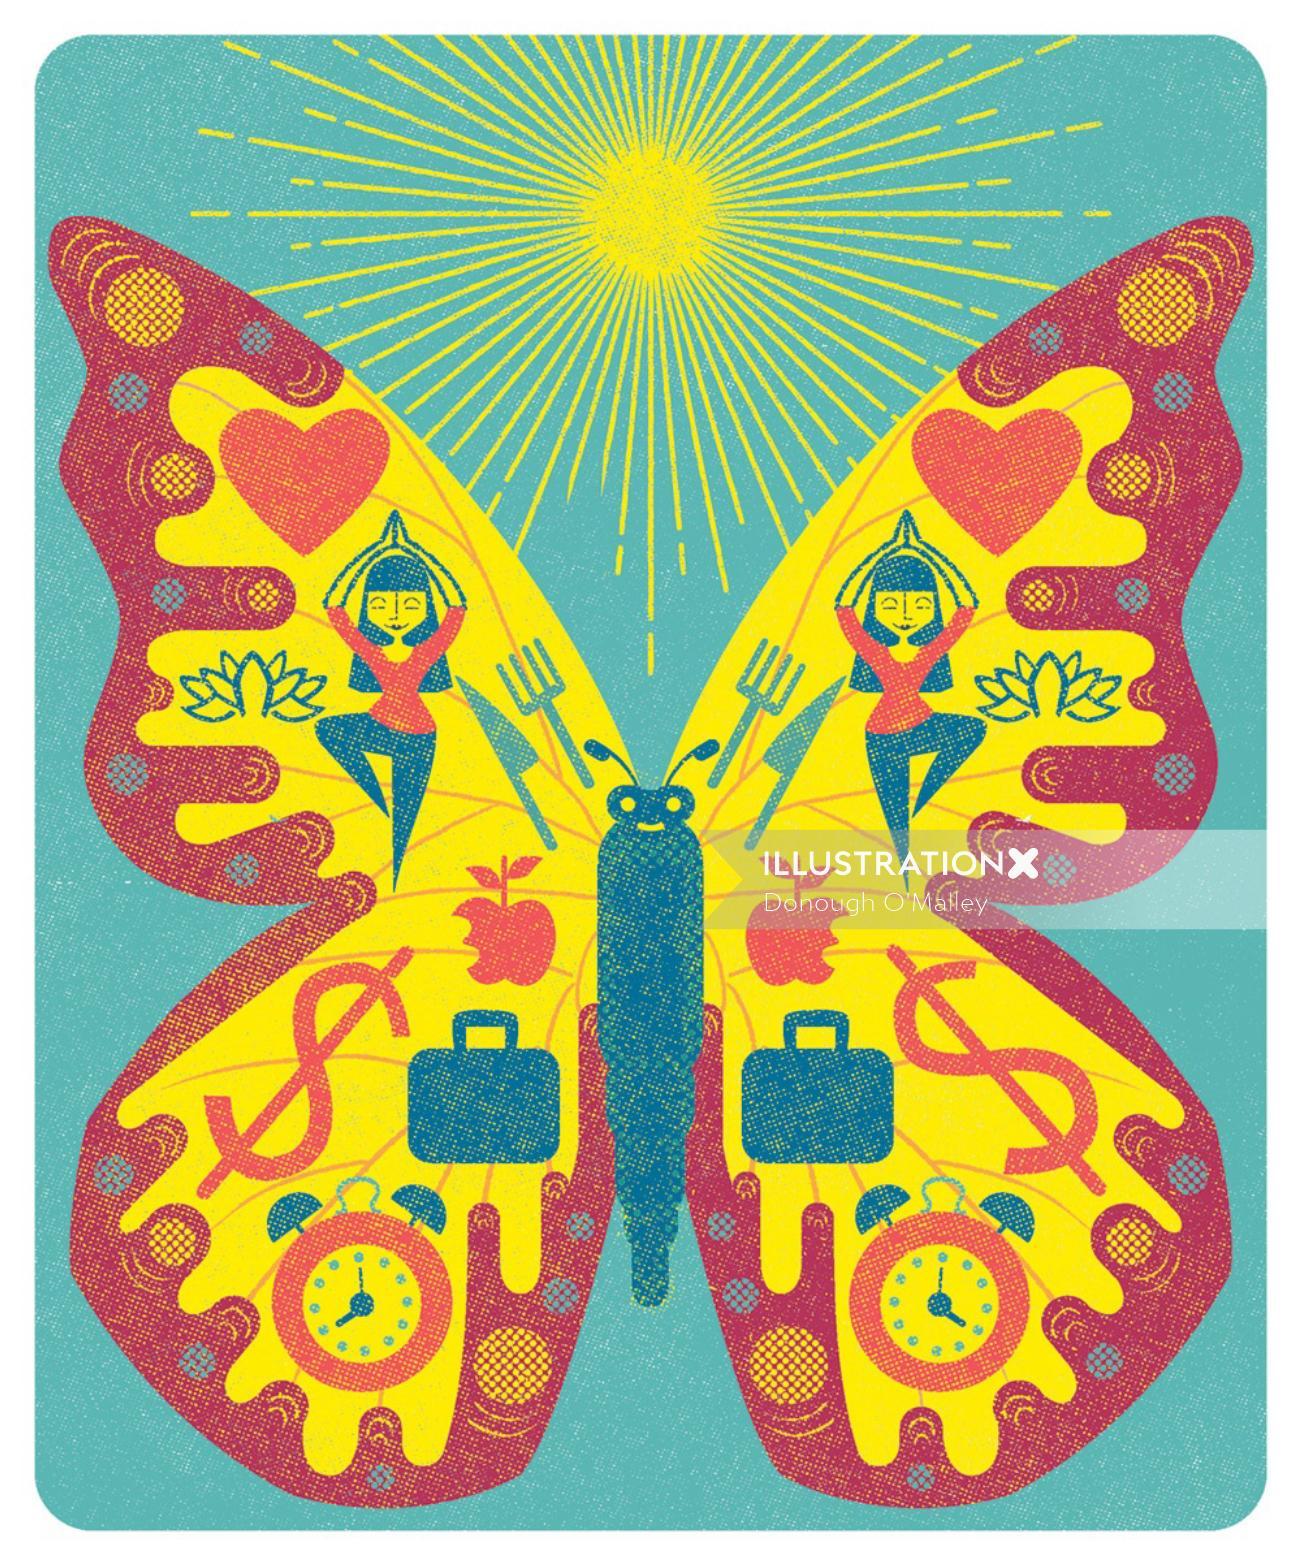 Magazine illustration of butterflies